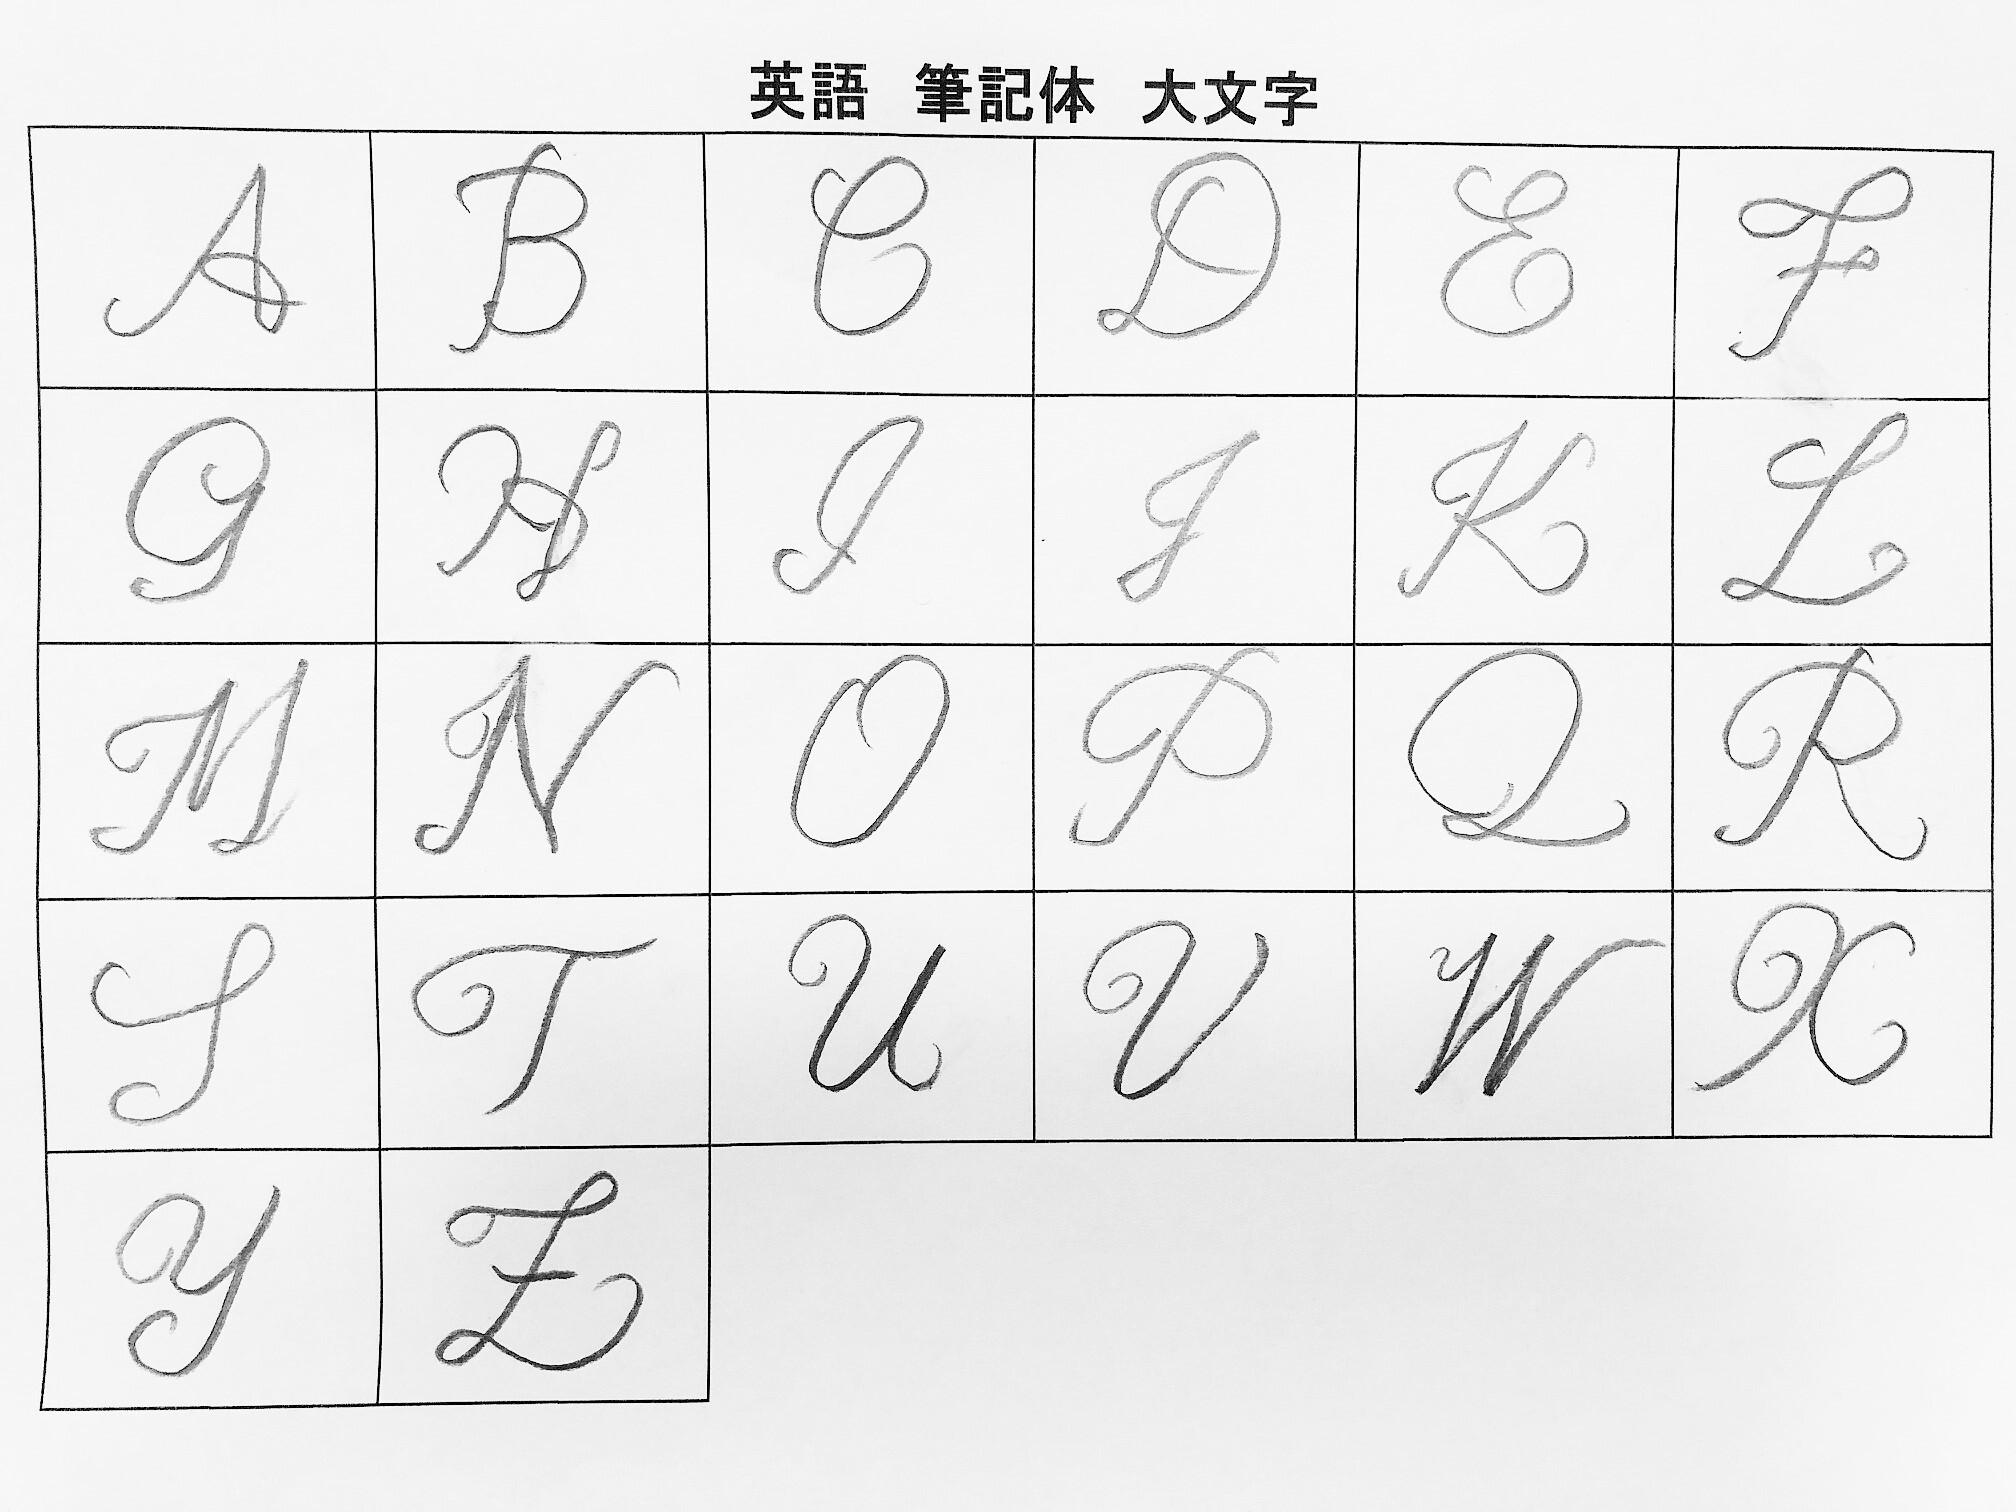 英語 大文字 筆記体。